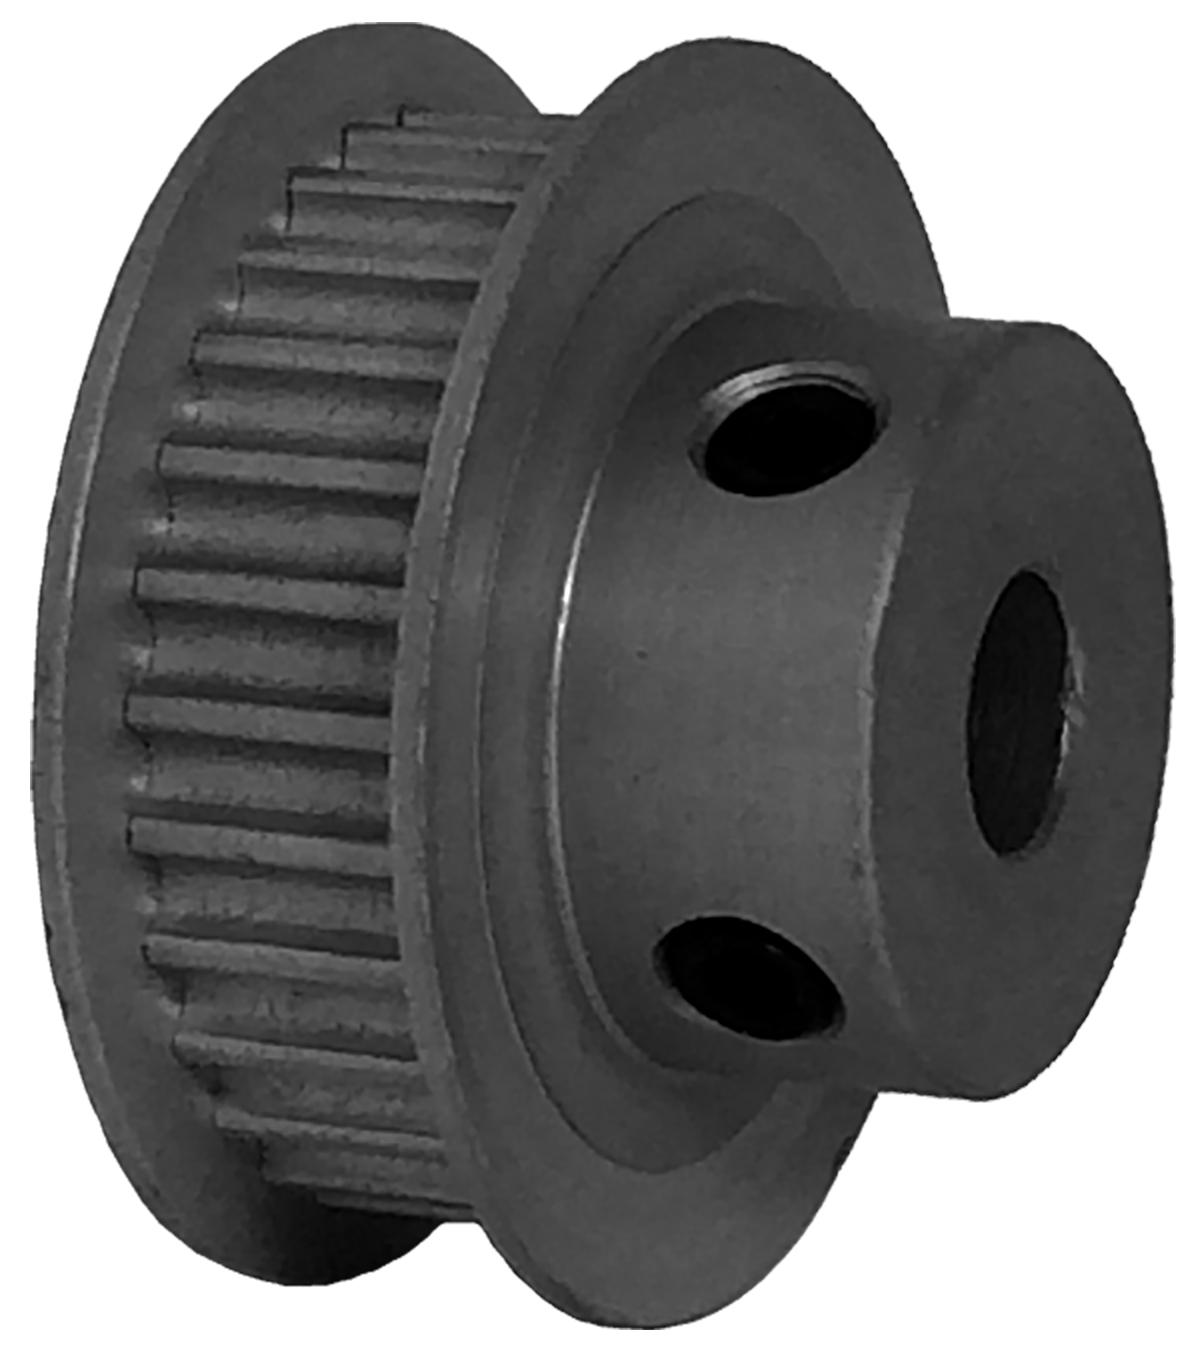 28-3P06-6FA3 - Aluminum Powerhouse® Pulleys